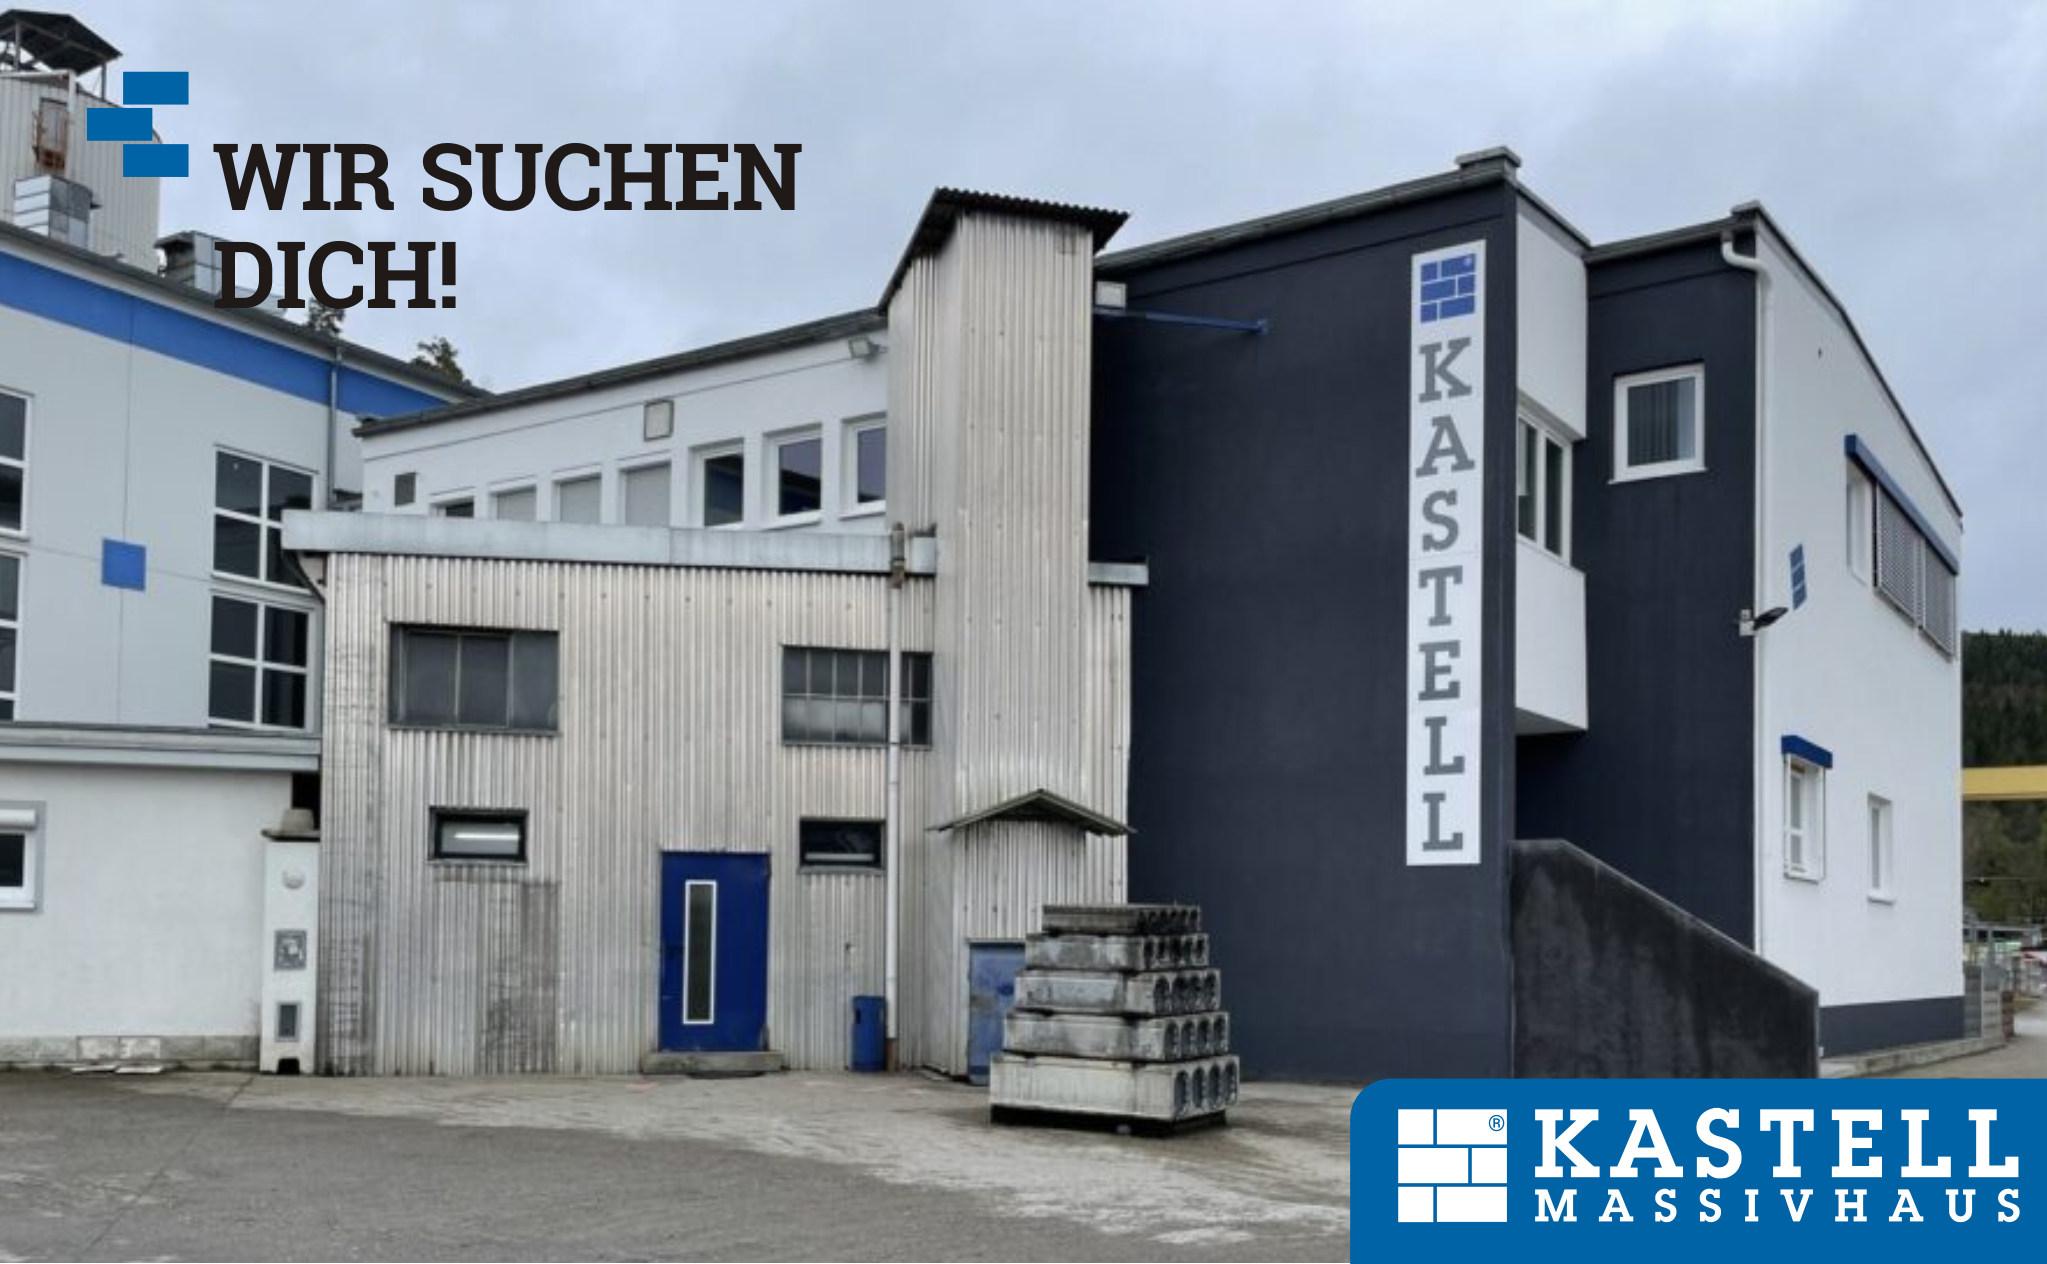 kastell-image-zuhause06